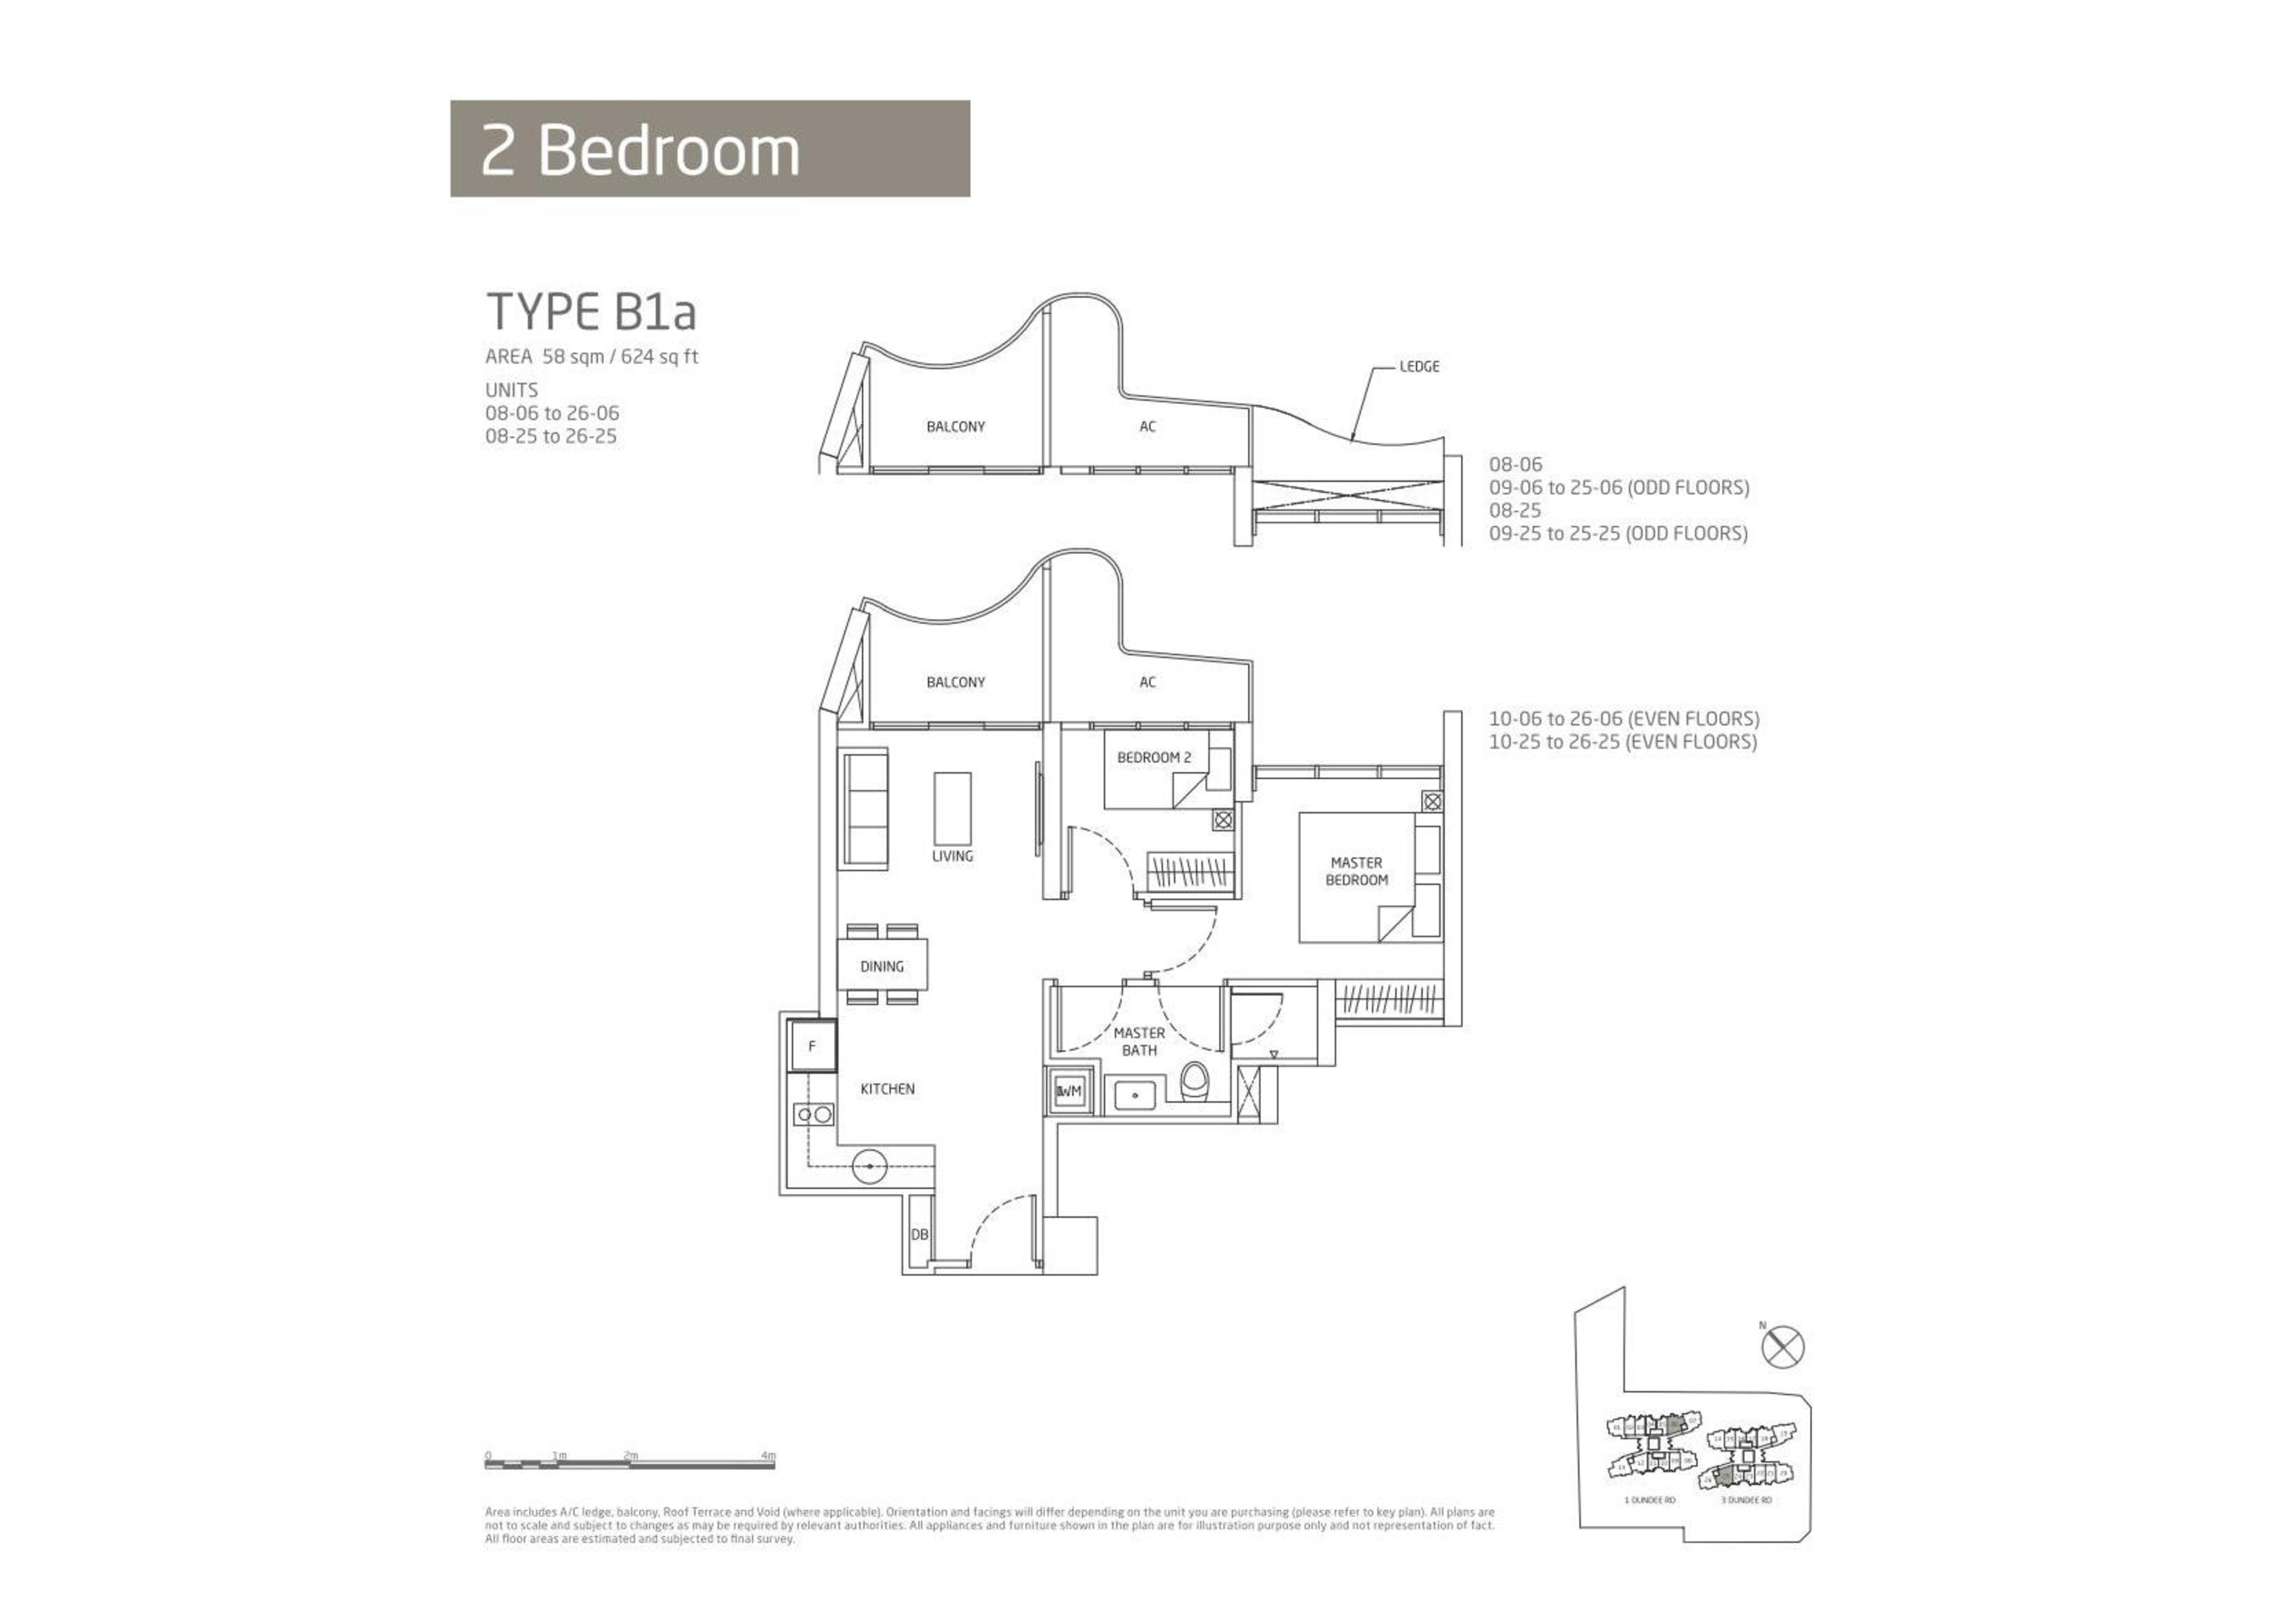 Queens Peak 2 Bedroom Floor Plans Type B1a